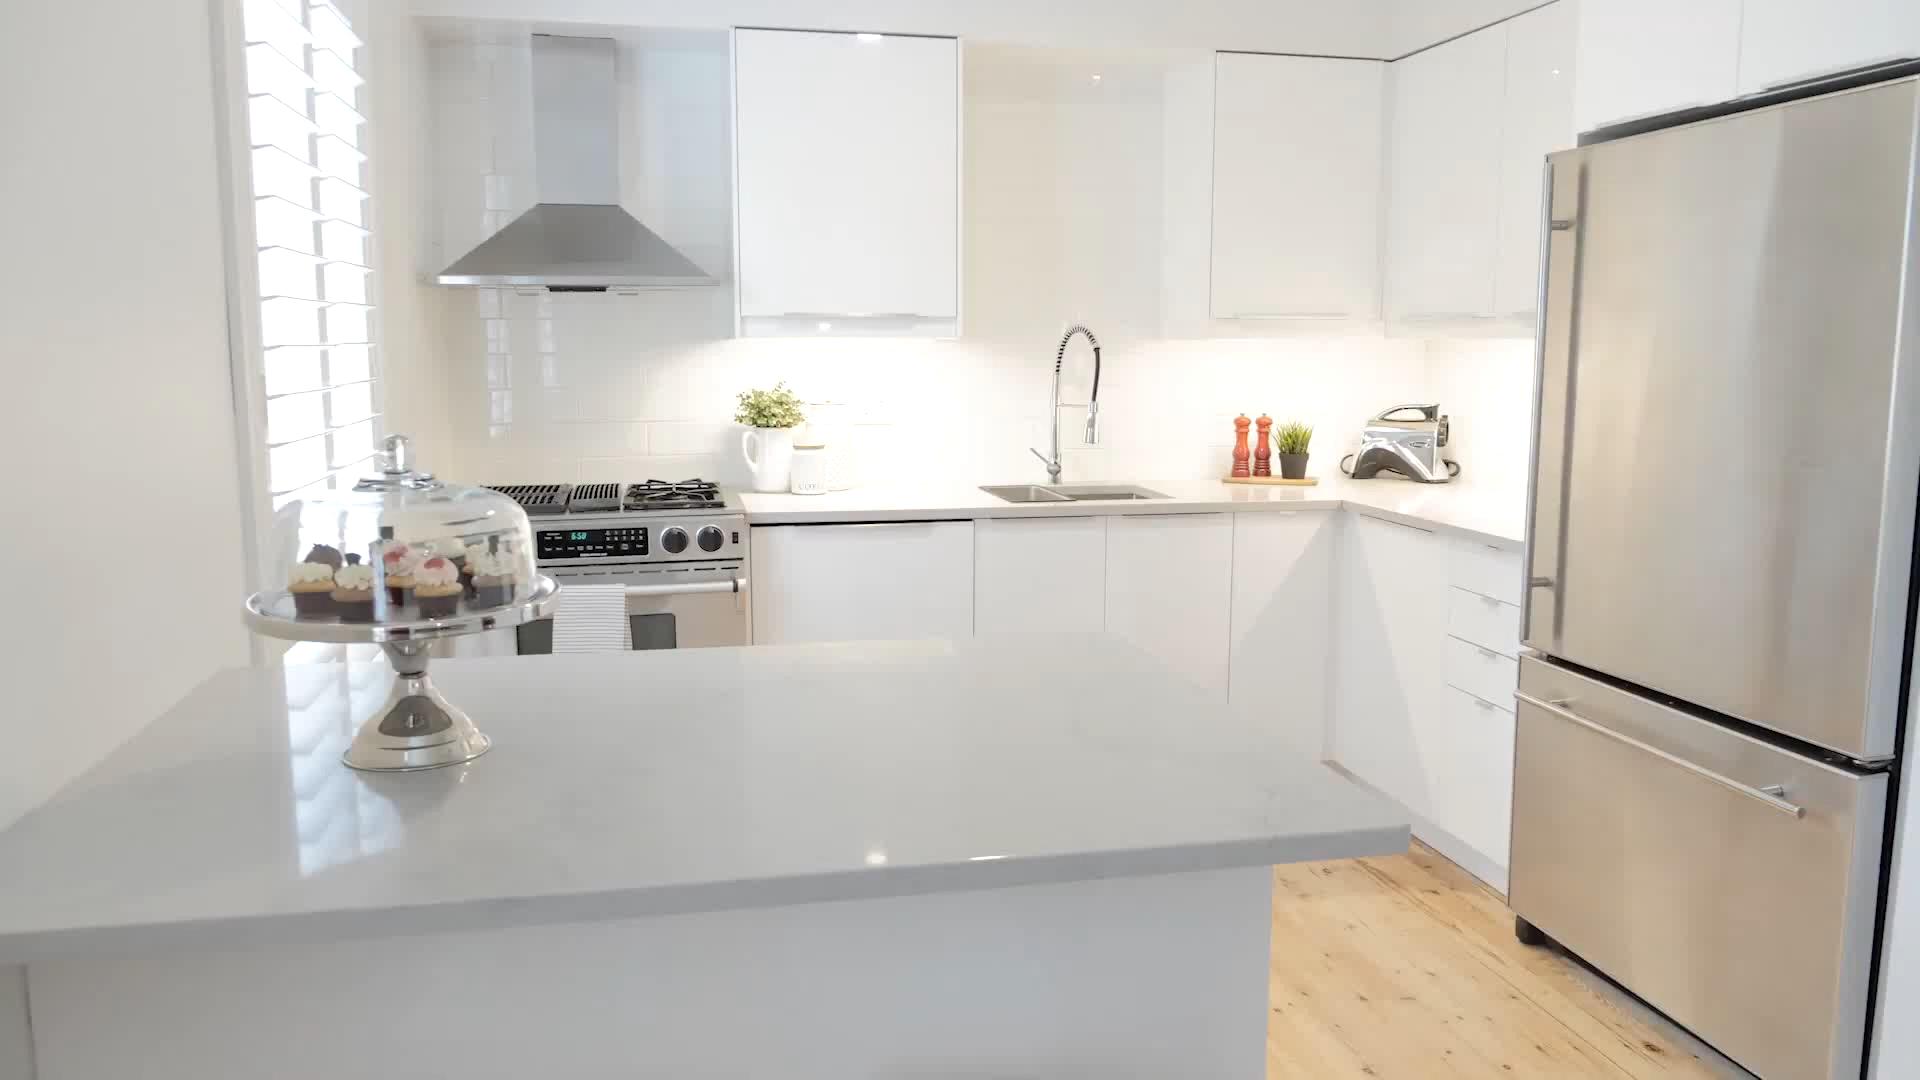 Download Wallpaper White Gloss Kitchen Pantry